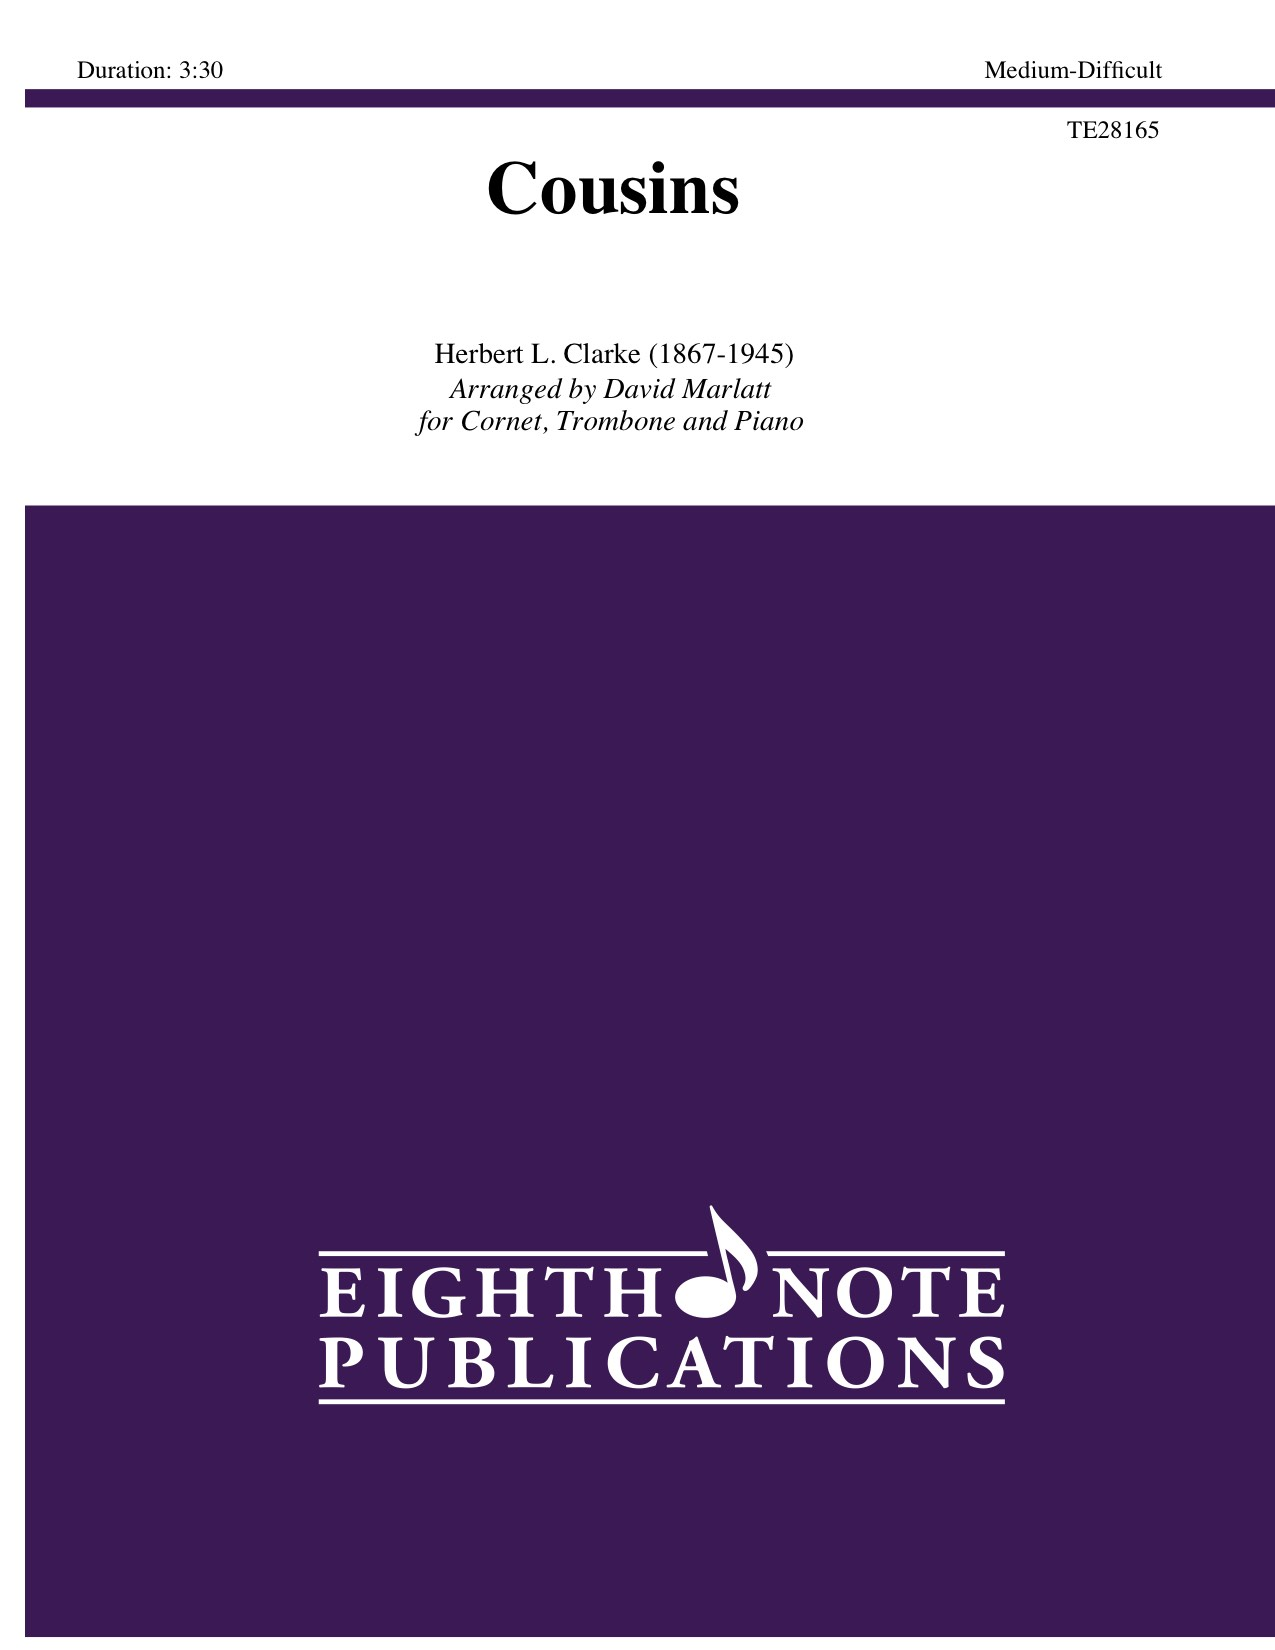 Cousins - Herbert L. Clarke